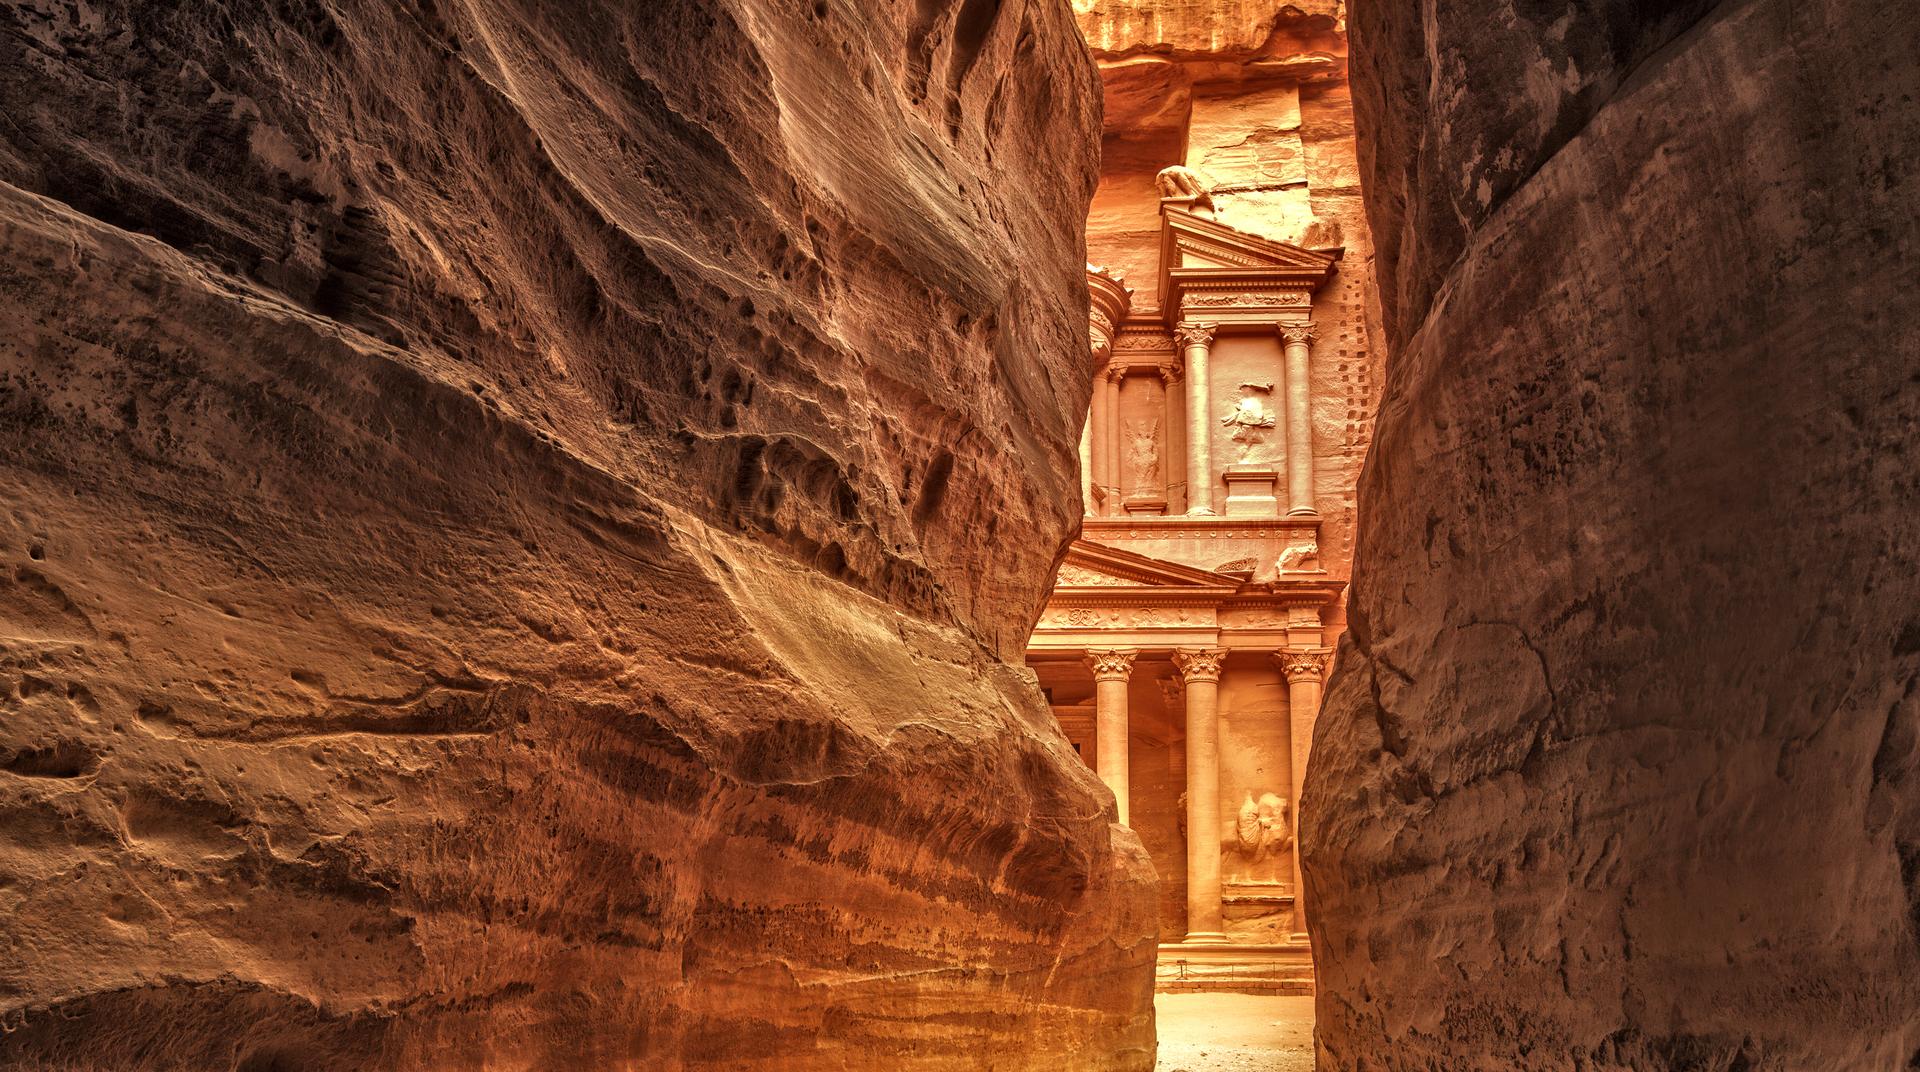 Uitzicht vanaf de Siq op de entree van de stad Petra, Al Khazneh, de schatkamer, Petra, Jordanië